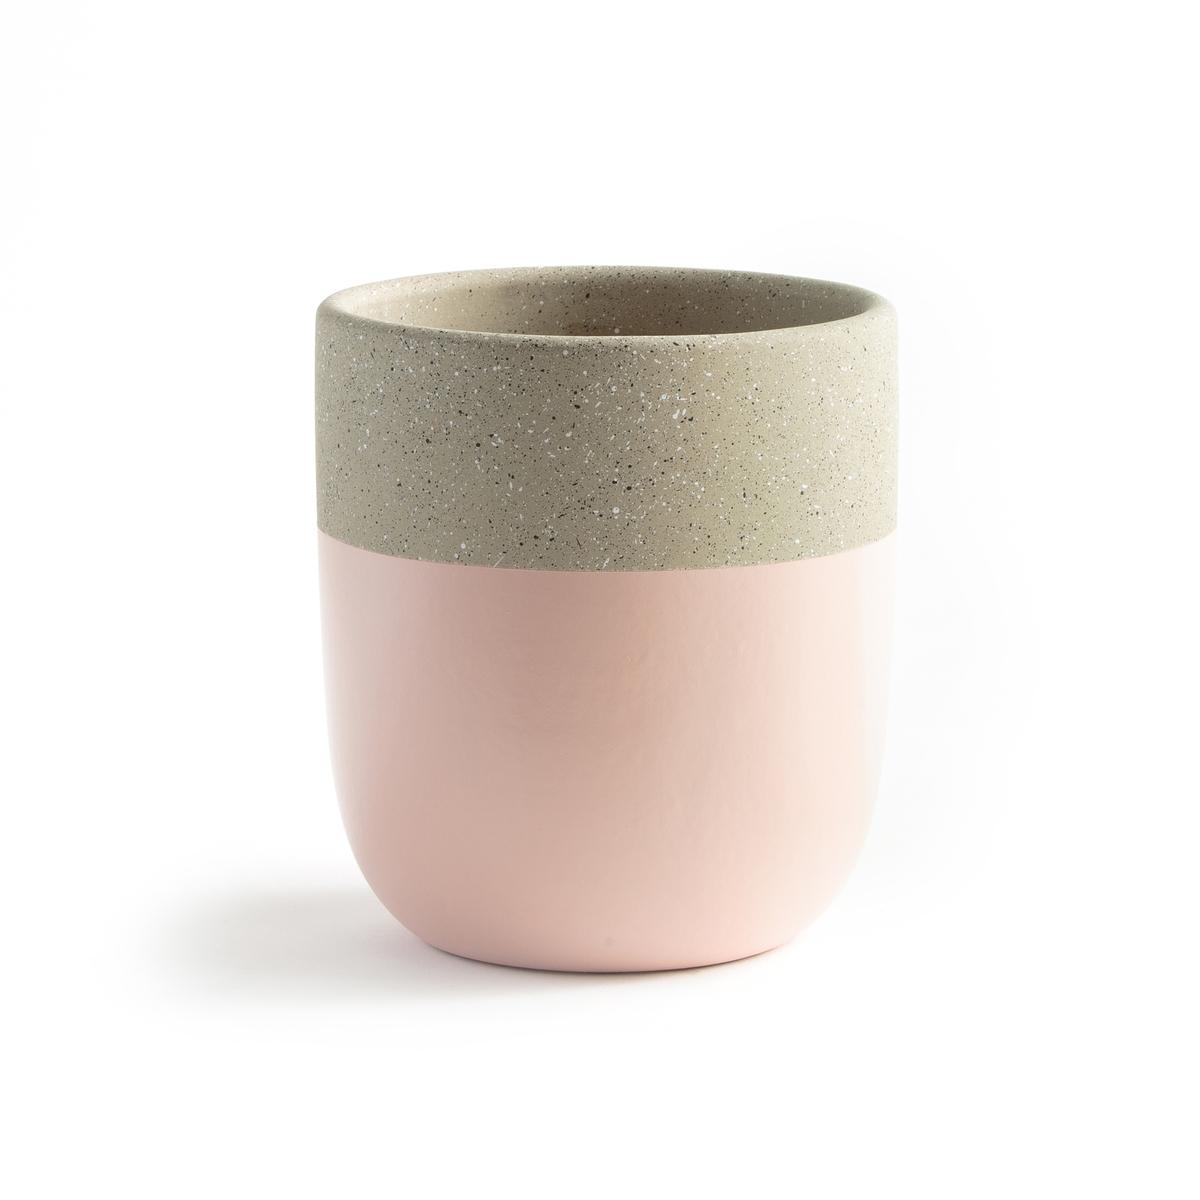 Кашпо La Redoute Из керамики двухцветный Kera единый размер розовый